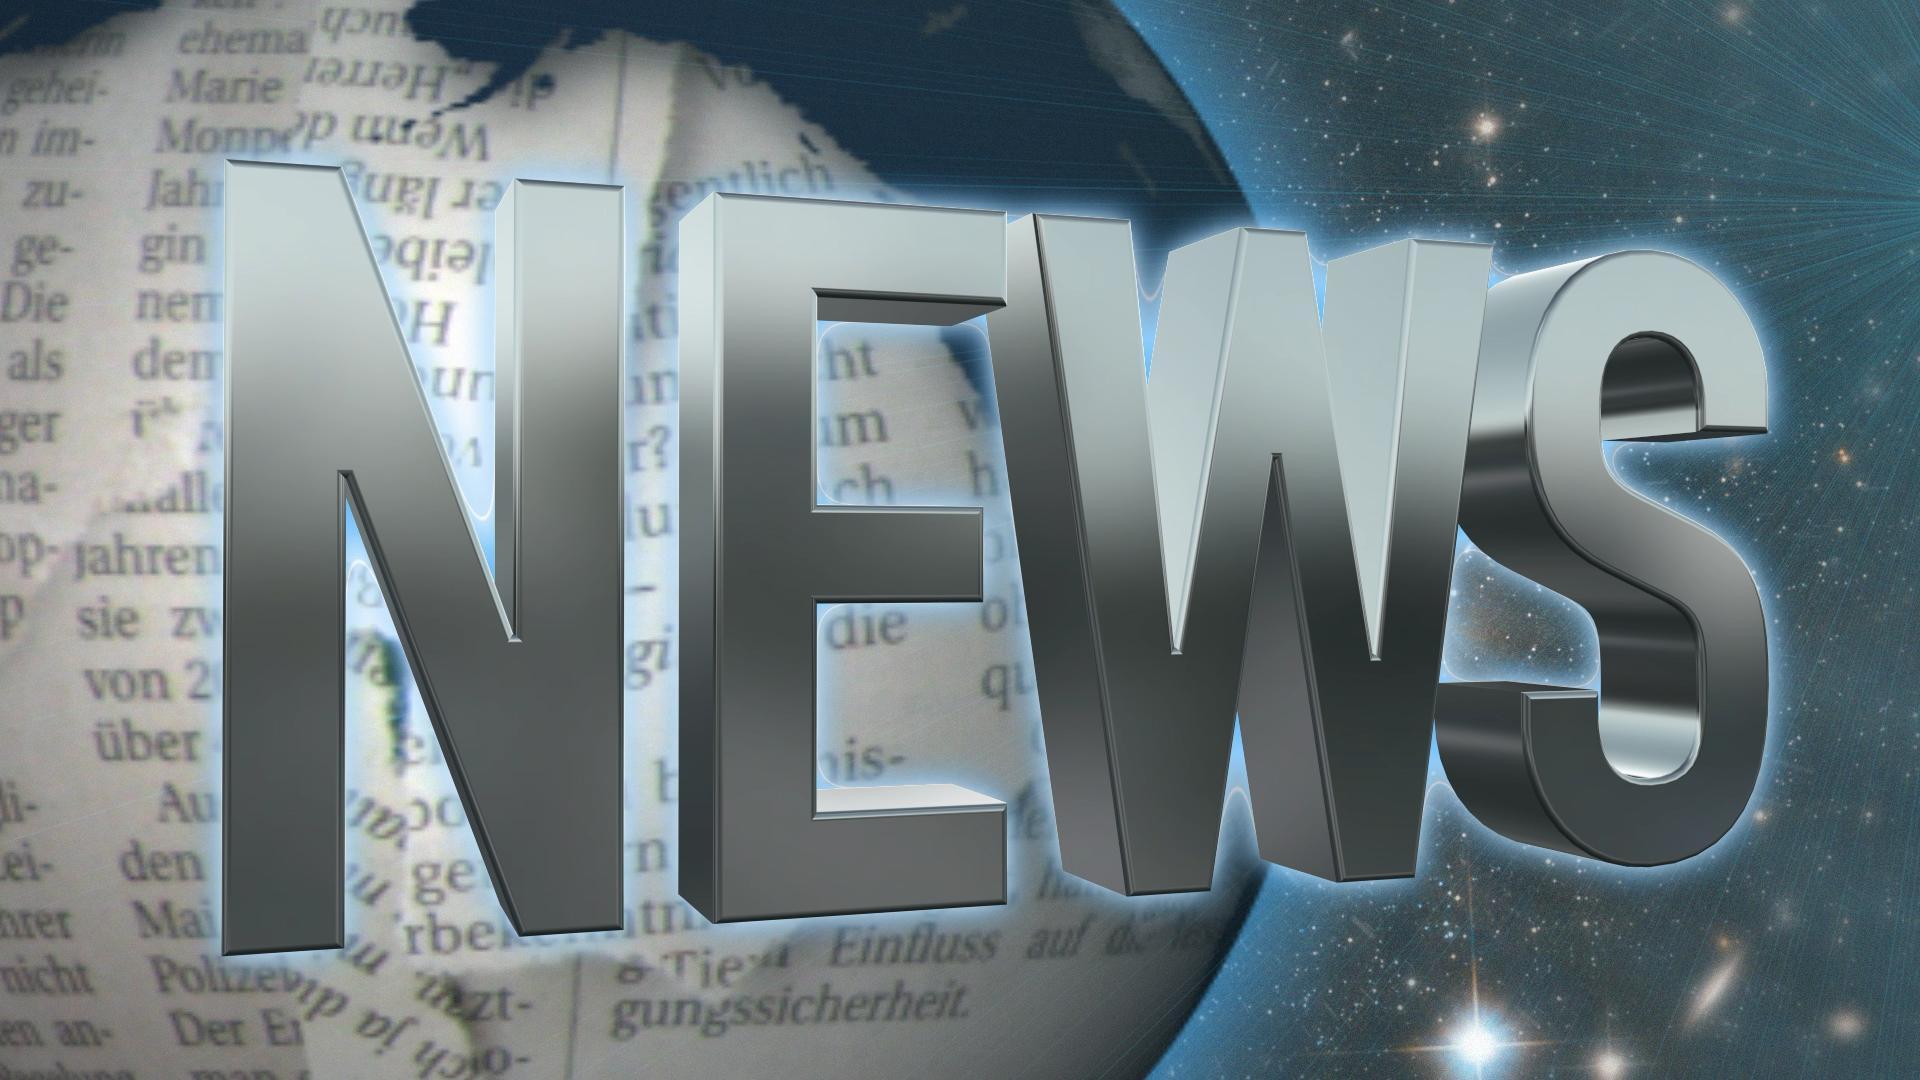 高清全球新闻开场动画视频素材